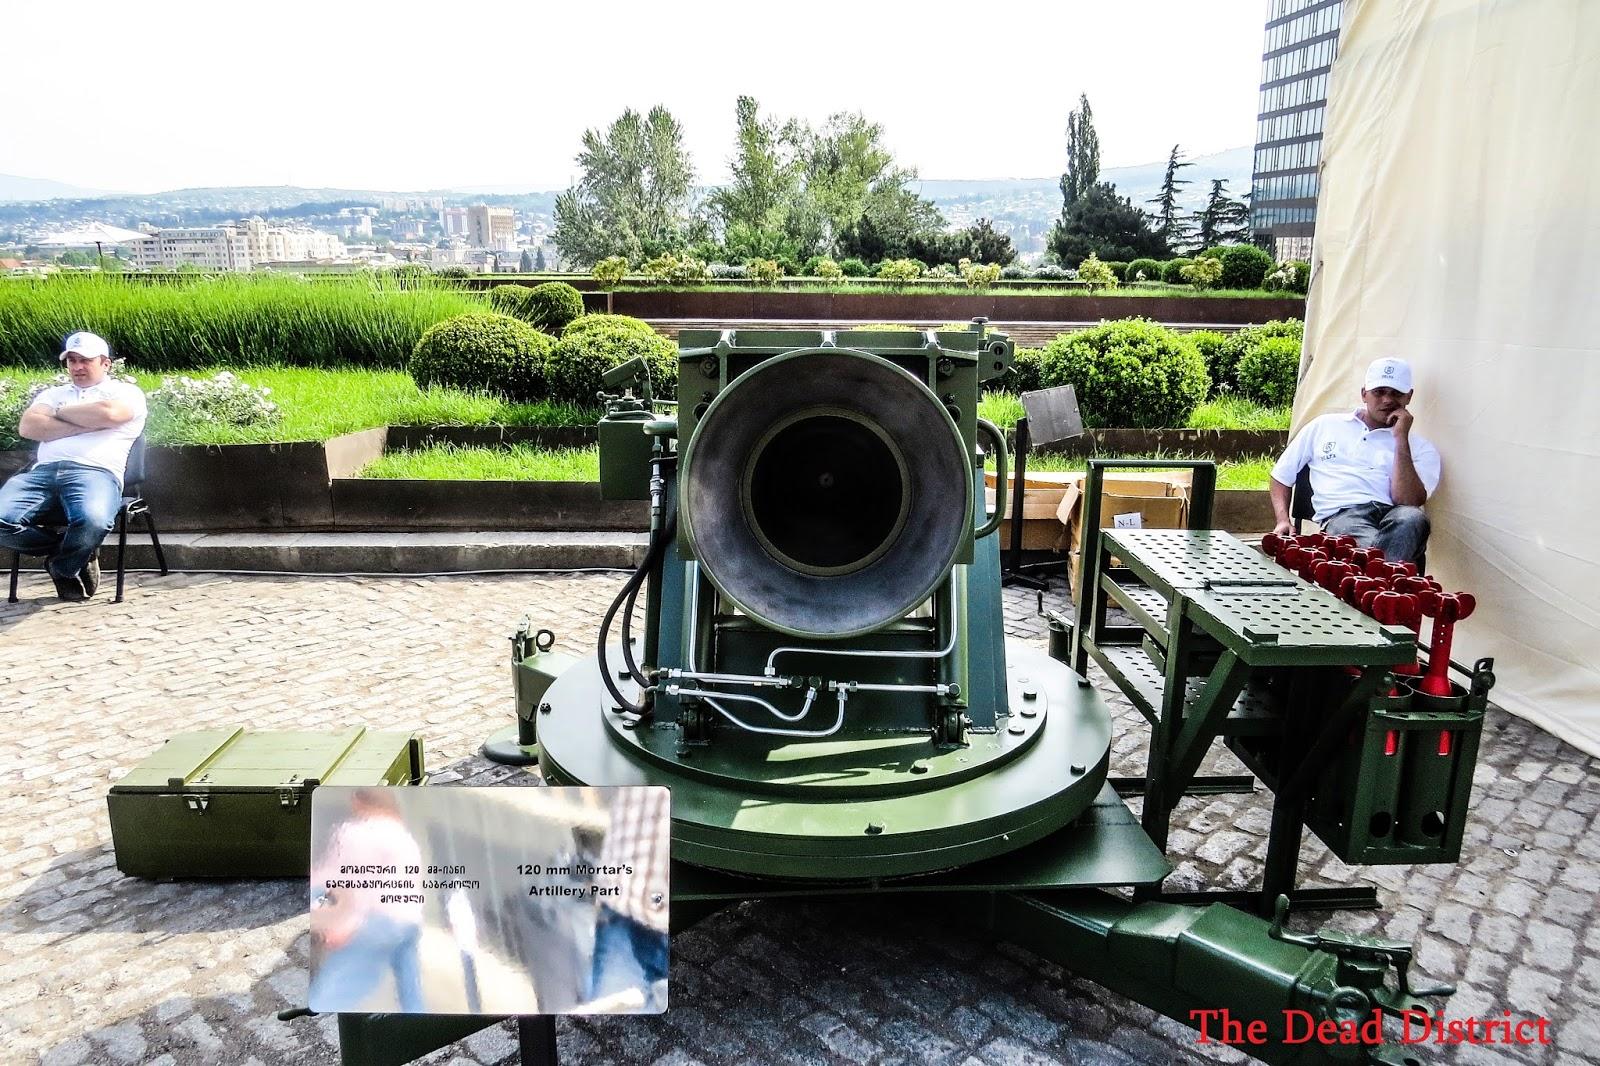 Georgia Μilitary: News and Modernisation IMG_3251